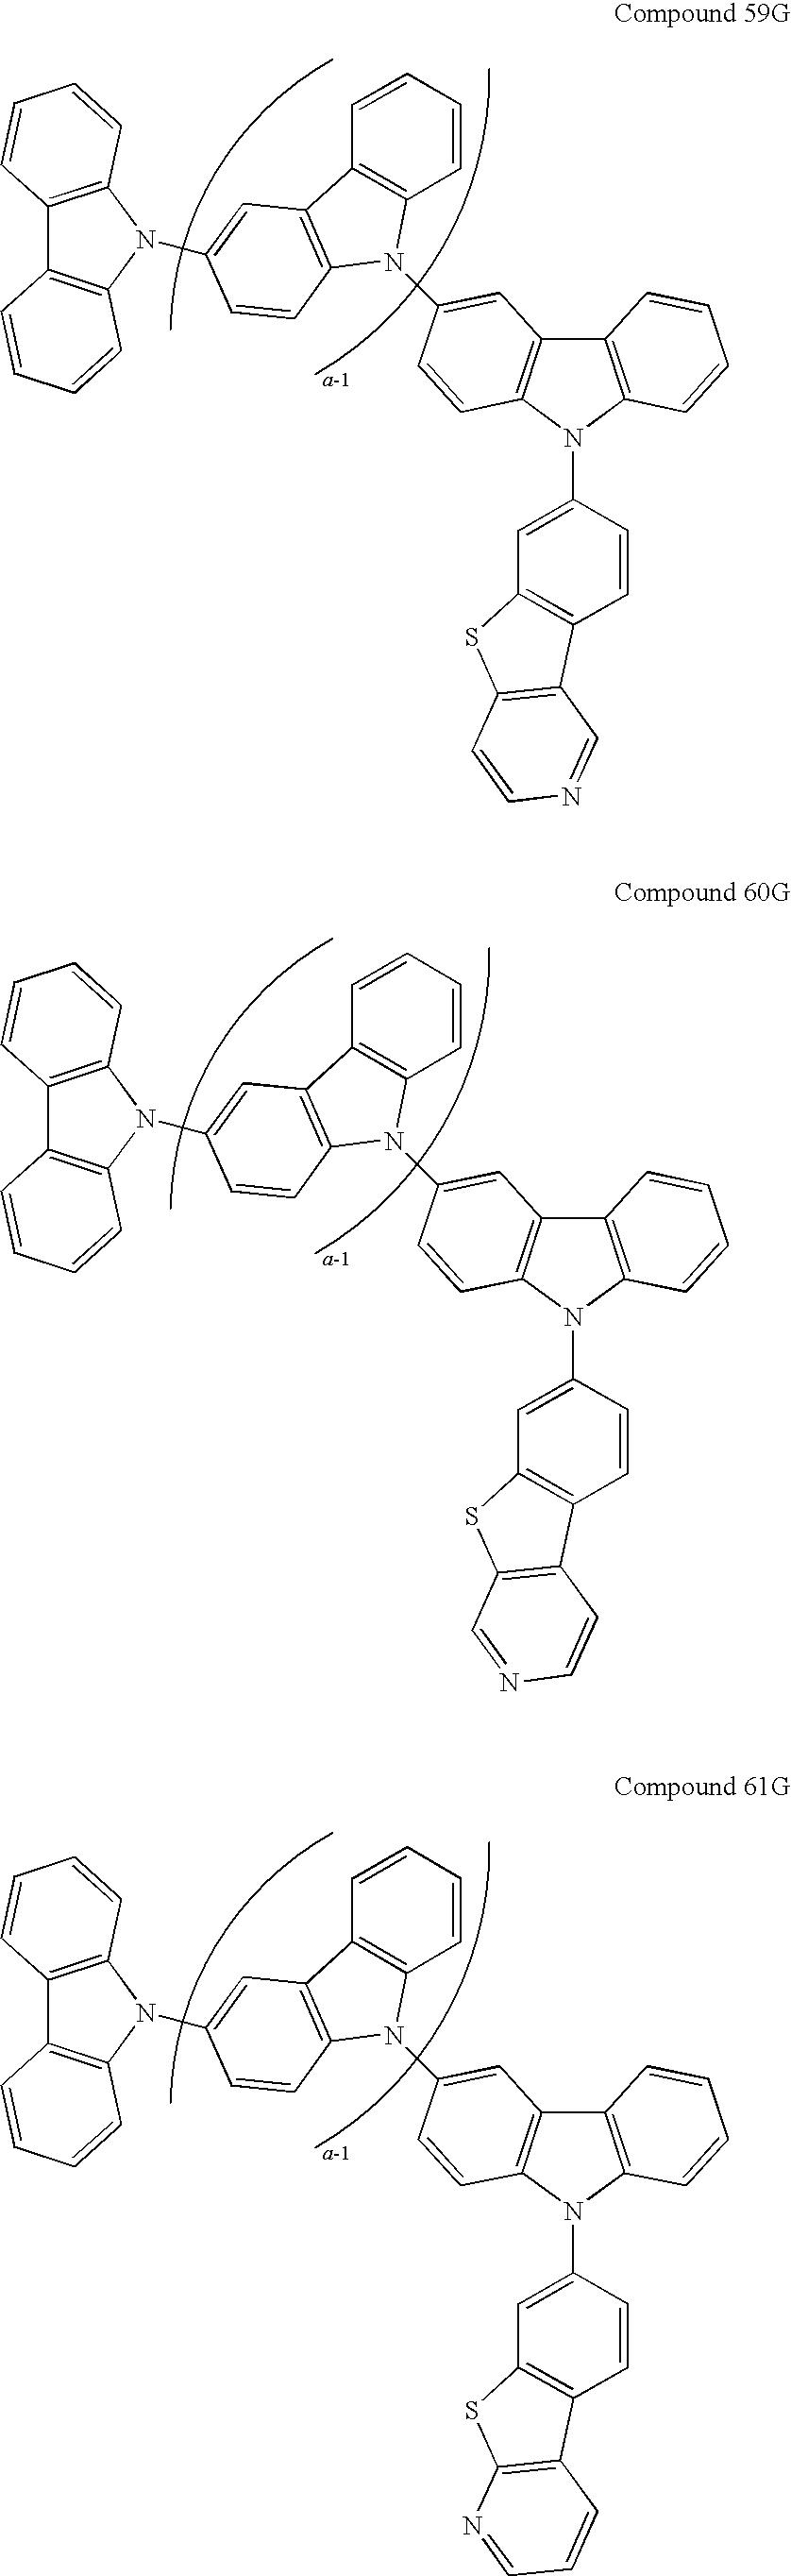 Figure US20090134784A1-20090528-C00175